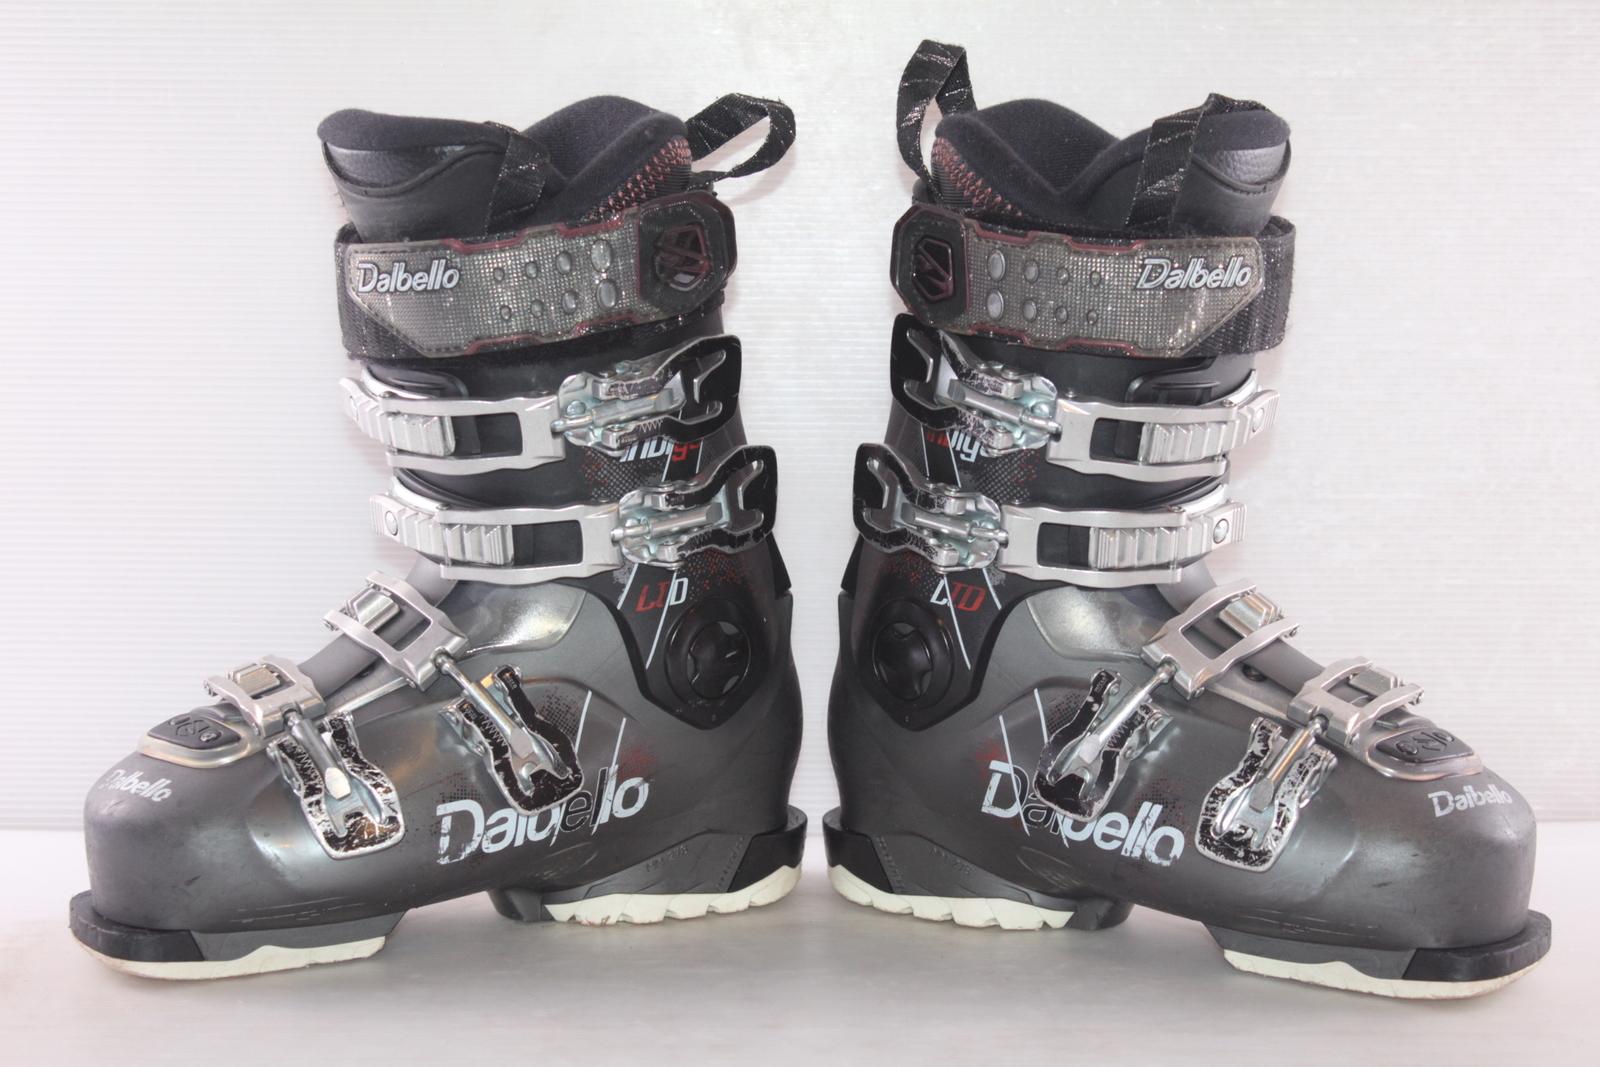 Dámské lyžáky Dalbello Indigo Ltd vel. EU37 flexe 70